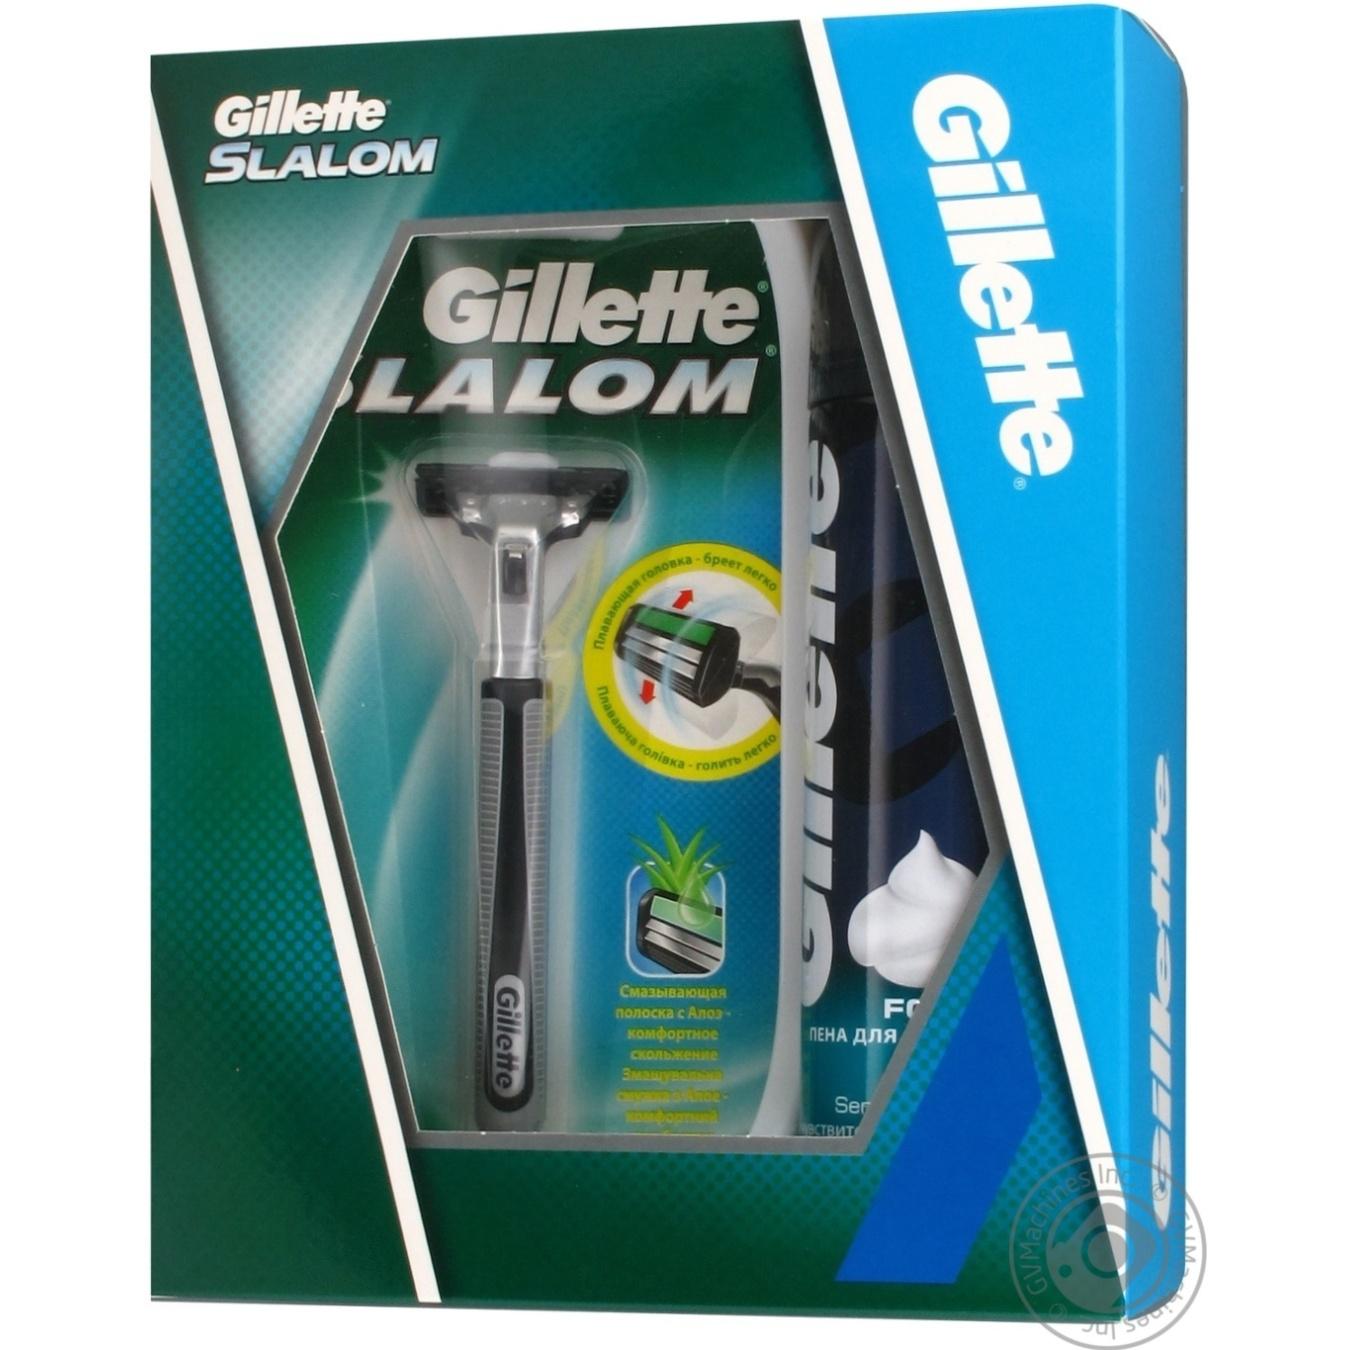 Подарочный набор Бритва Gillette Slalom + 1 картридж + Пена для бритья  Gillette Sensitive Skin для 43153ef44a472